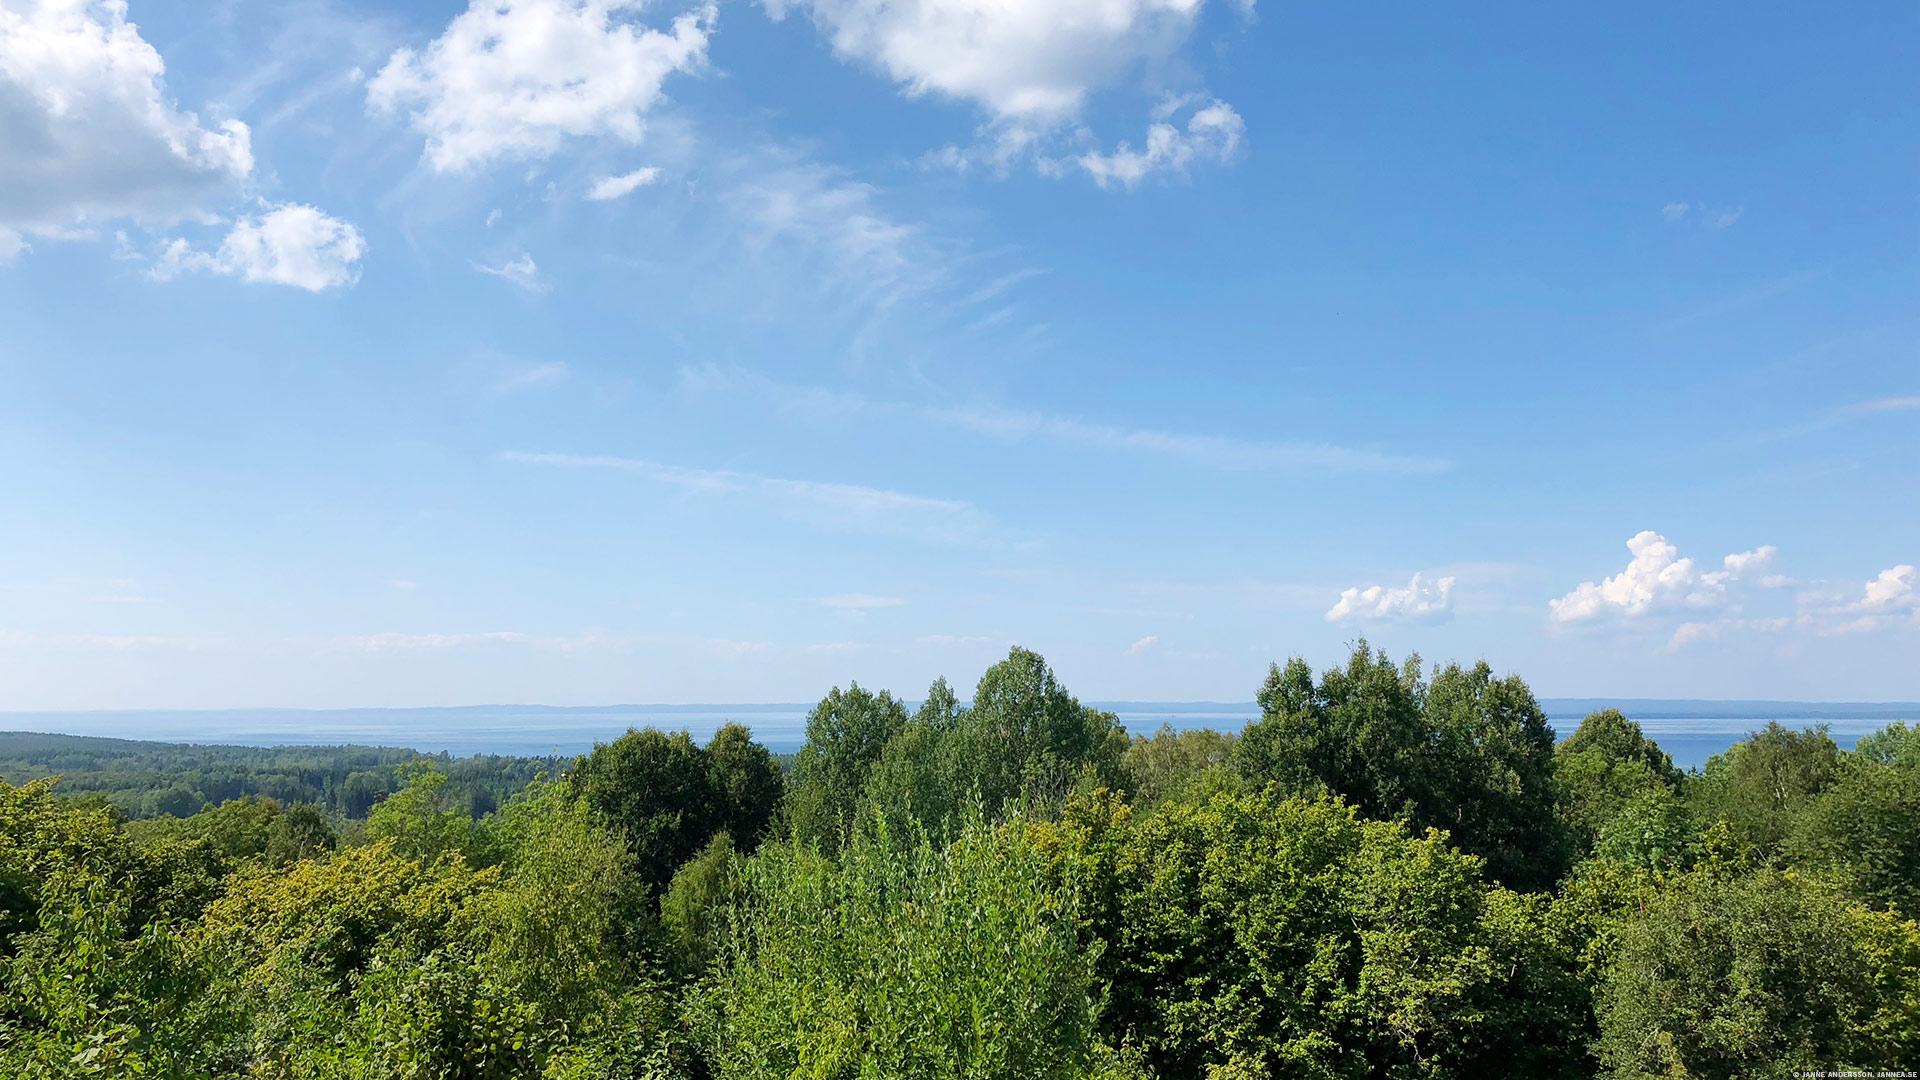 Utsikt från Farfarsstugan, Övralid |© Janne A